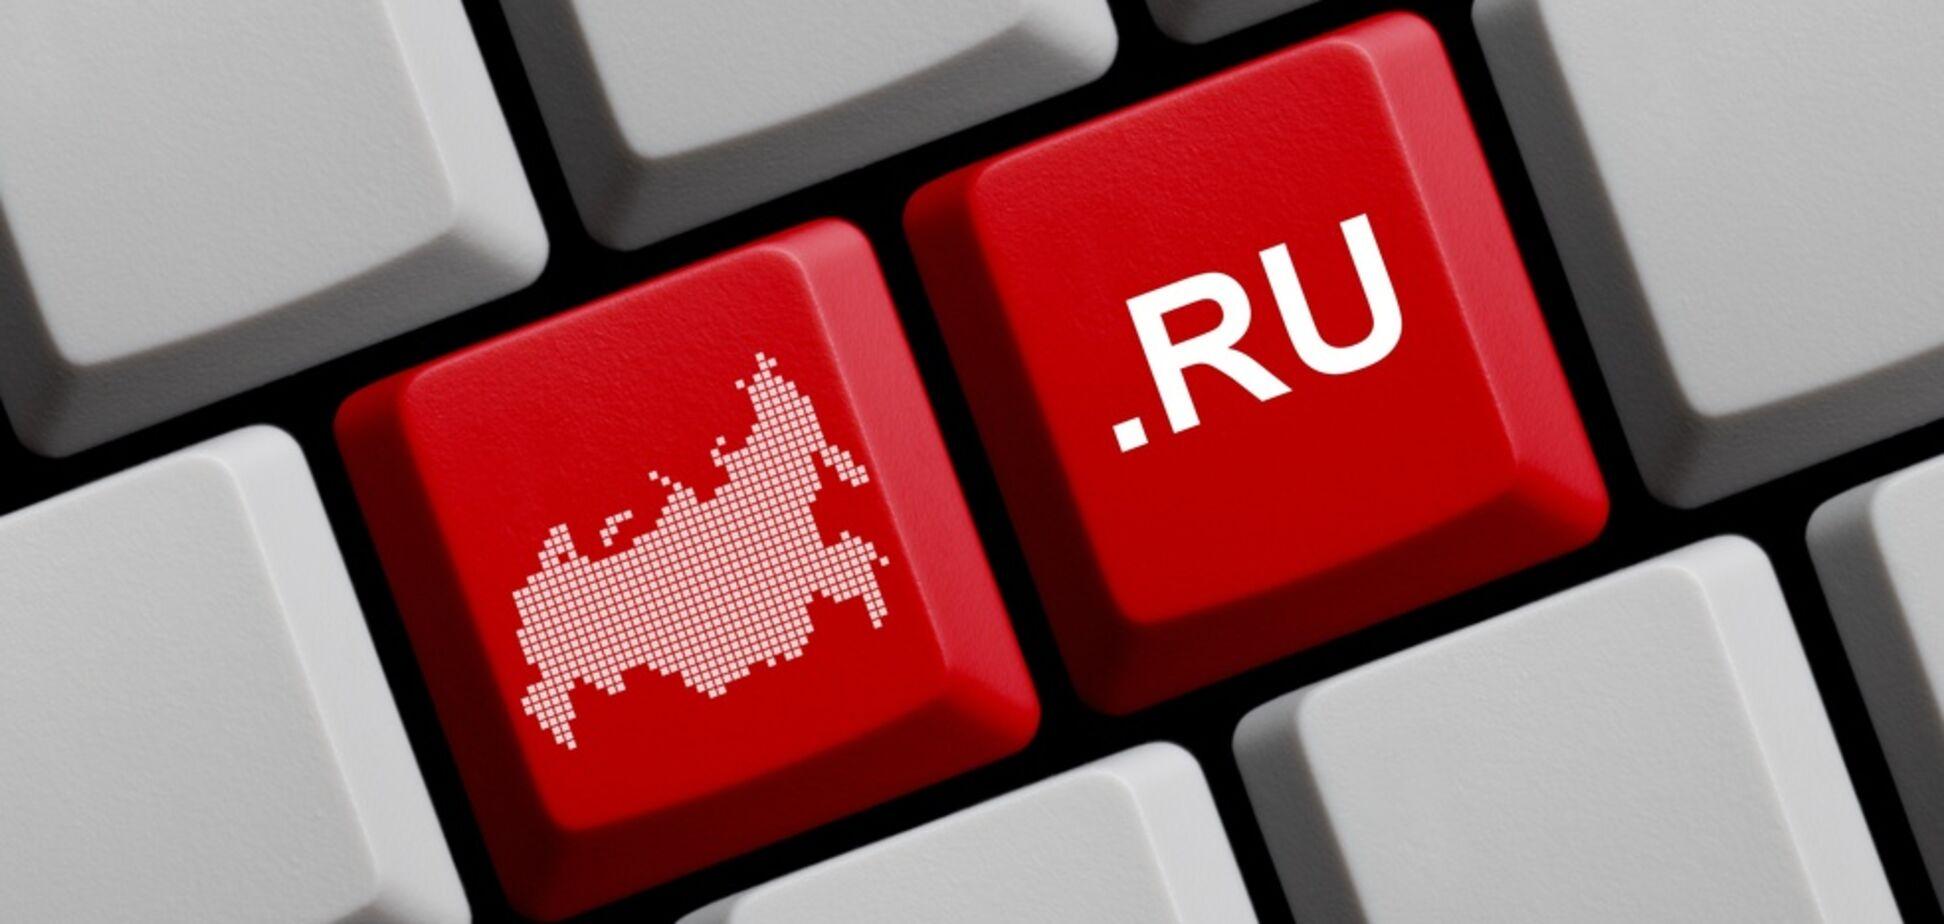 Украинским вузам ограничат доступ к сайтам с доменами '.ru' и '.ру'